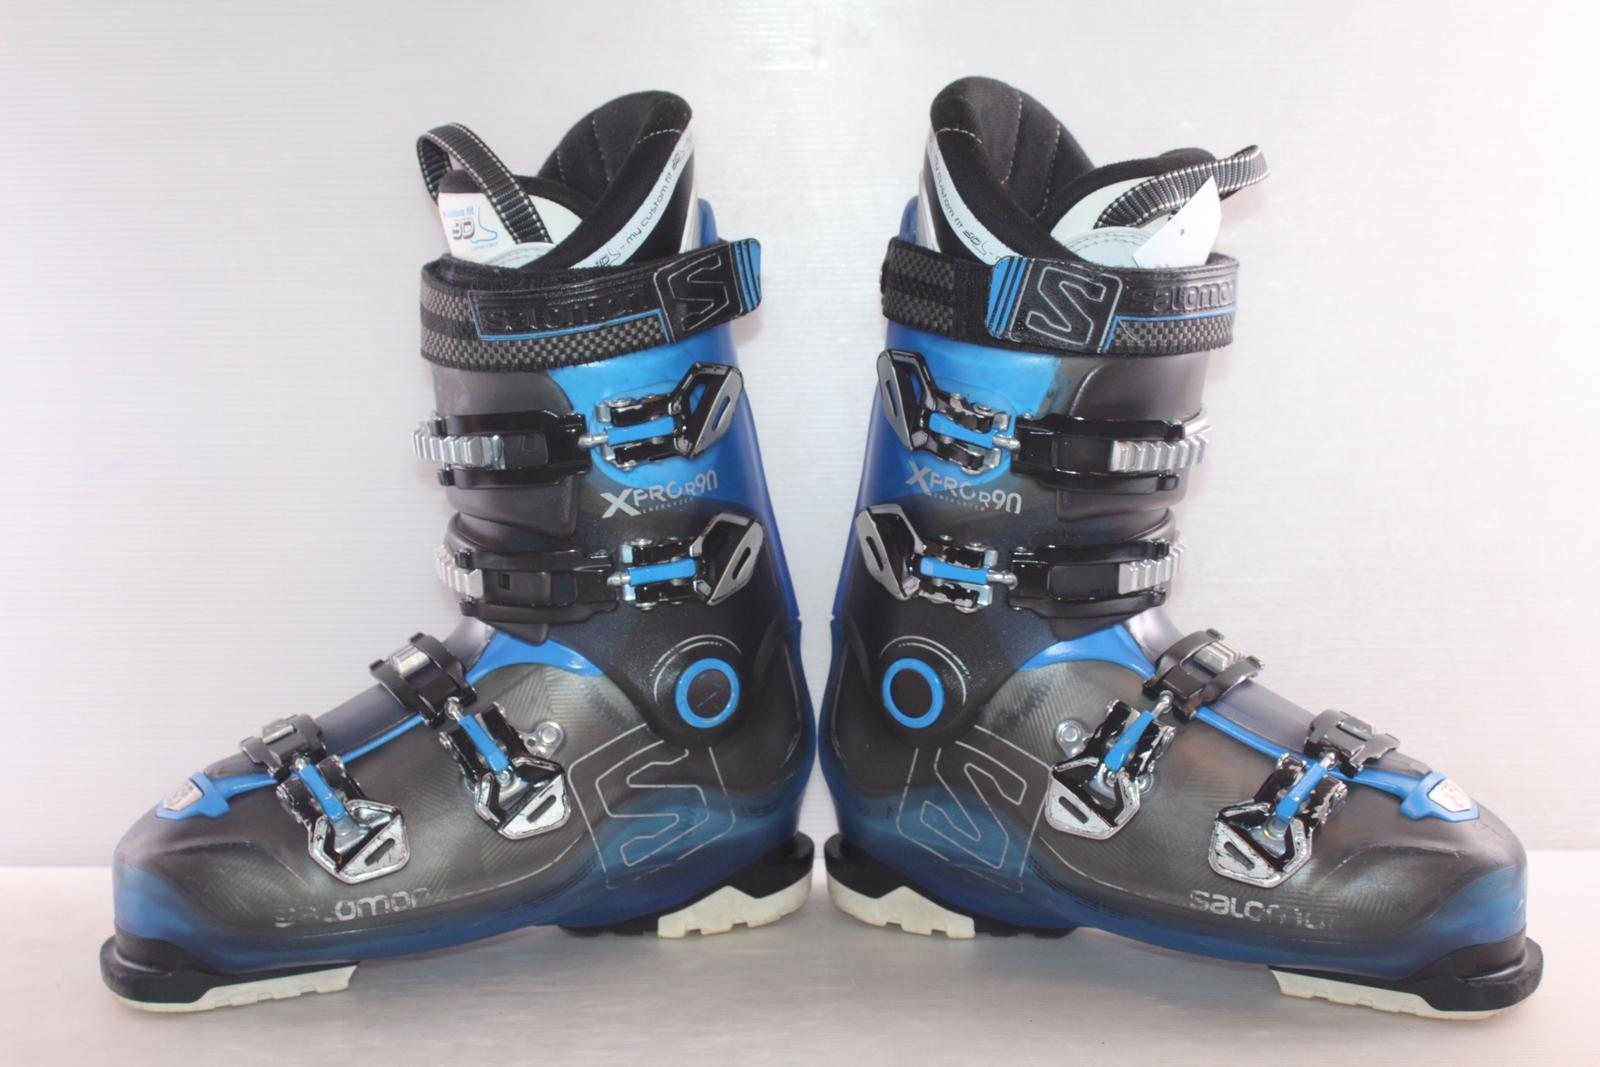 Lyžařské boty Salomon X Pro R90 vel. EU43 flexe 90